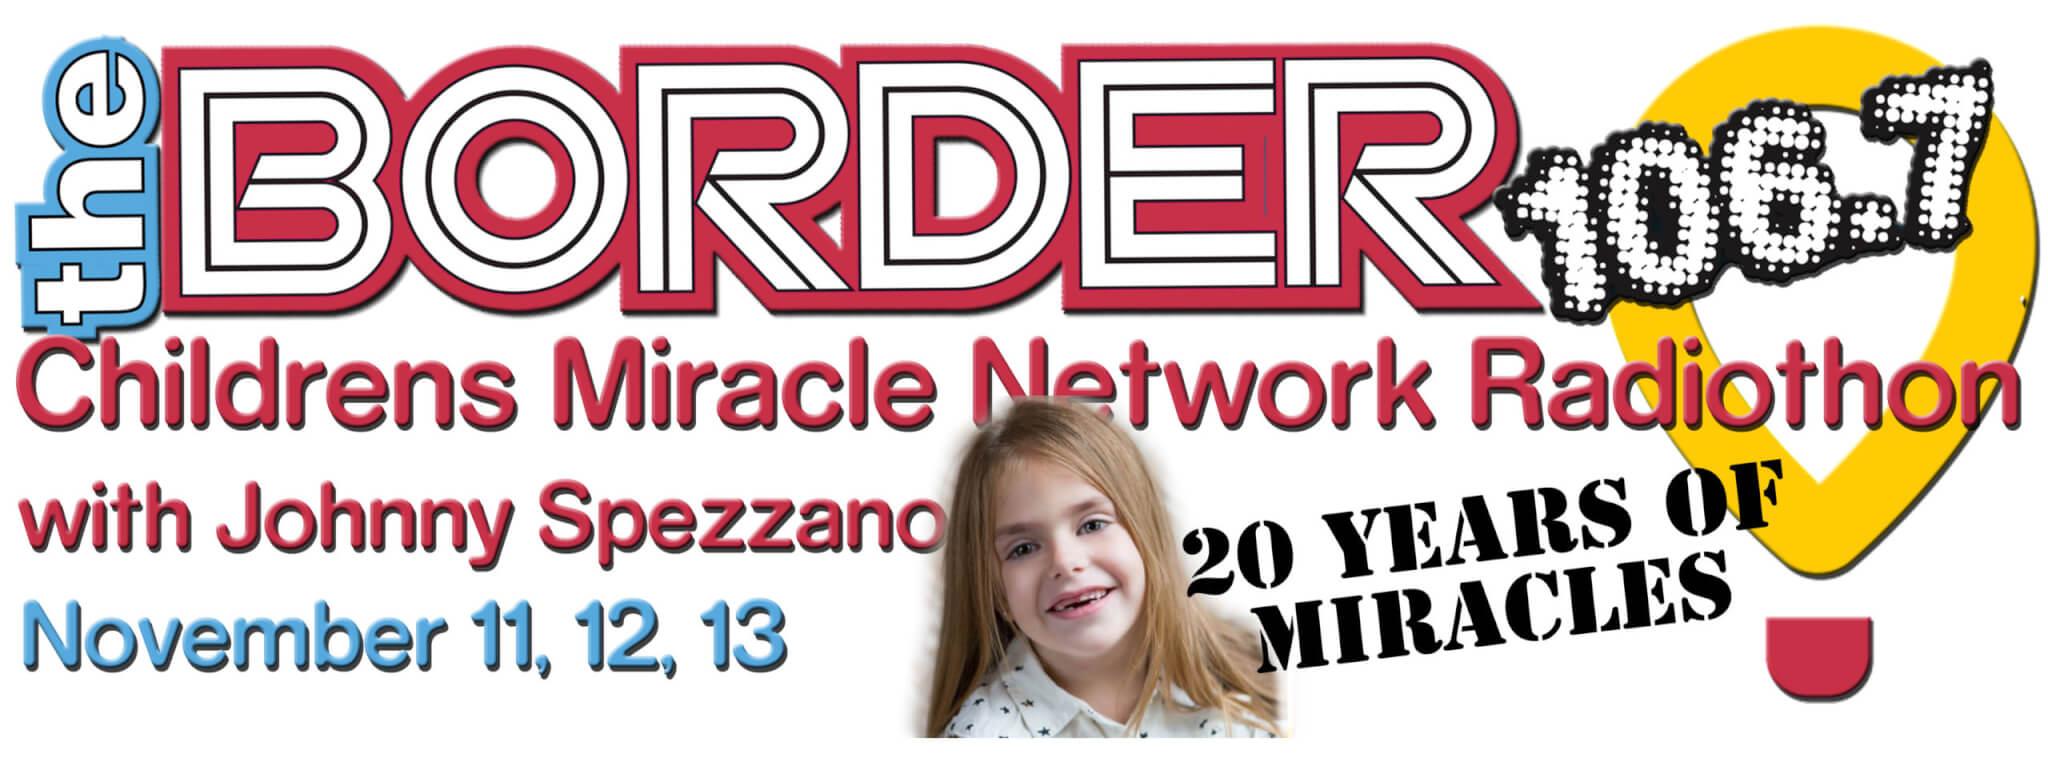 border CMN logo-2020-slider copy